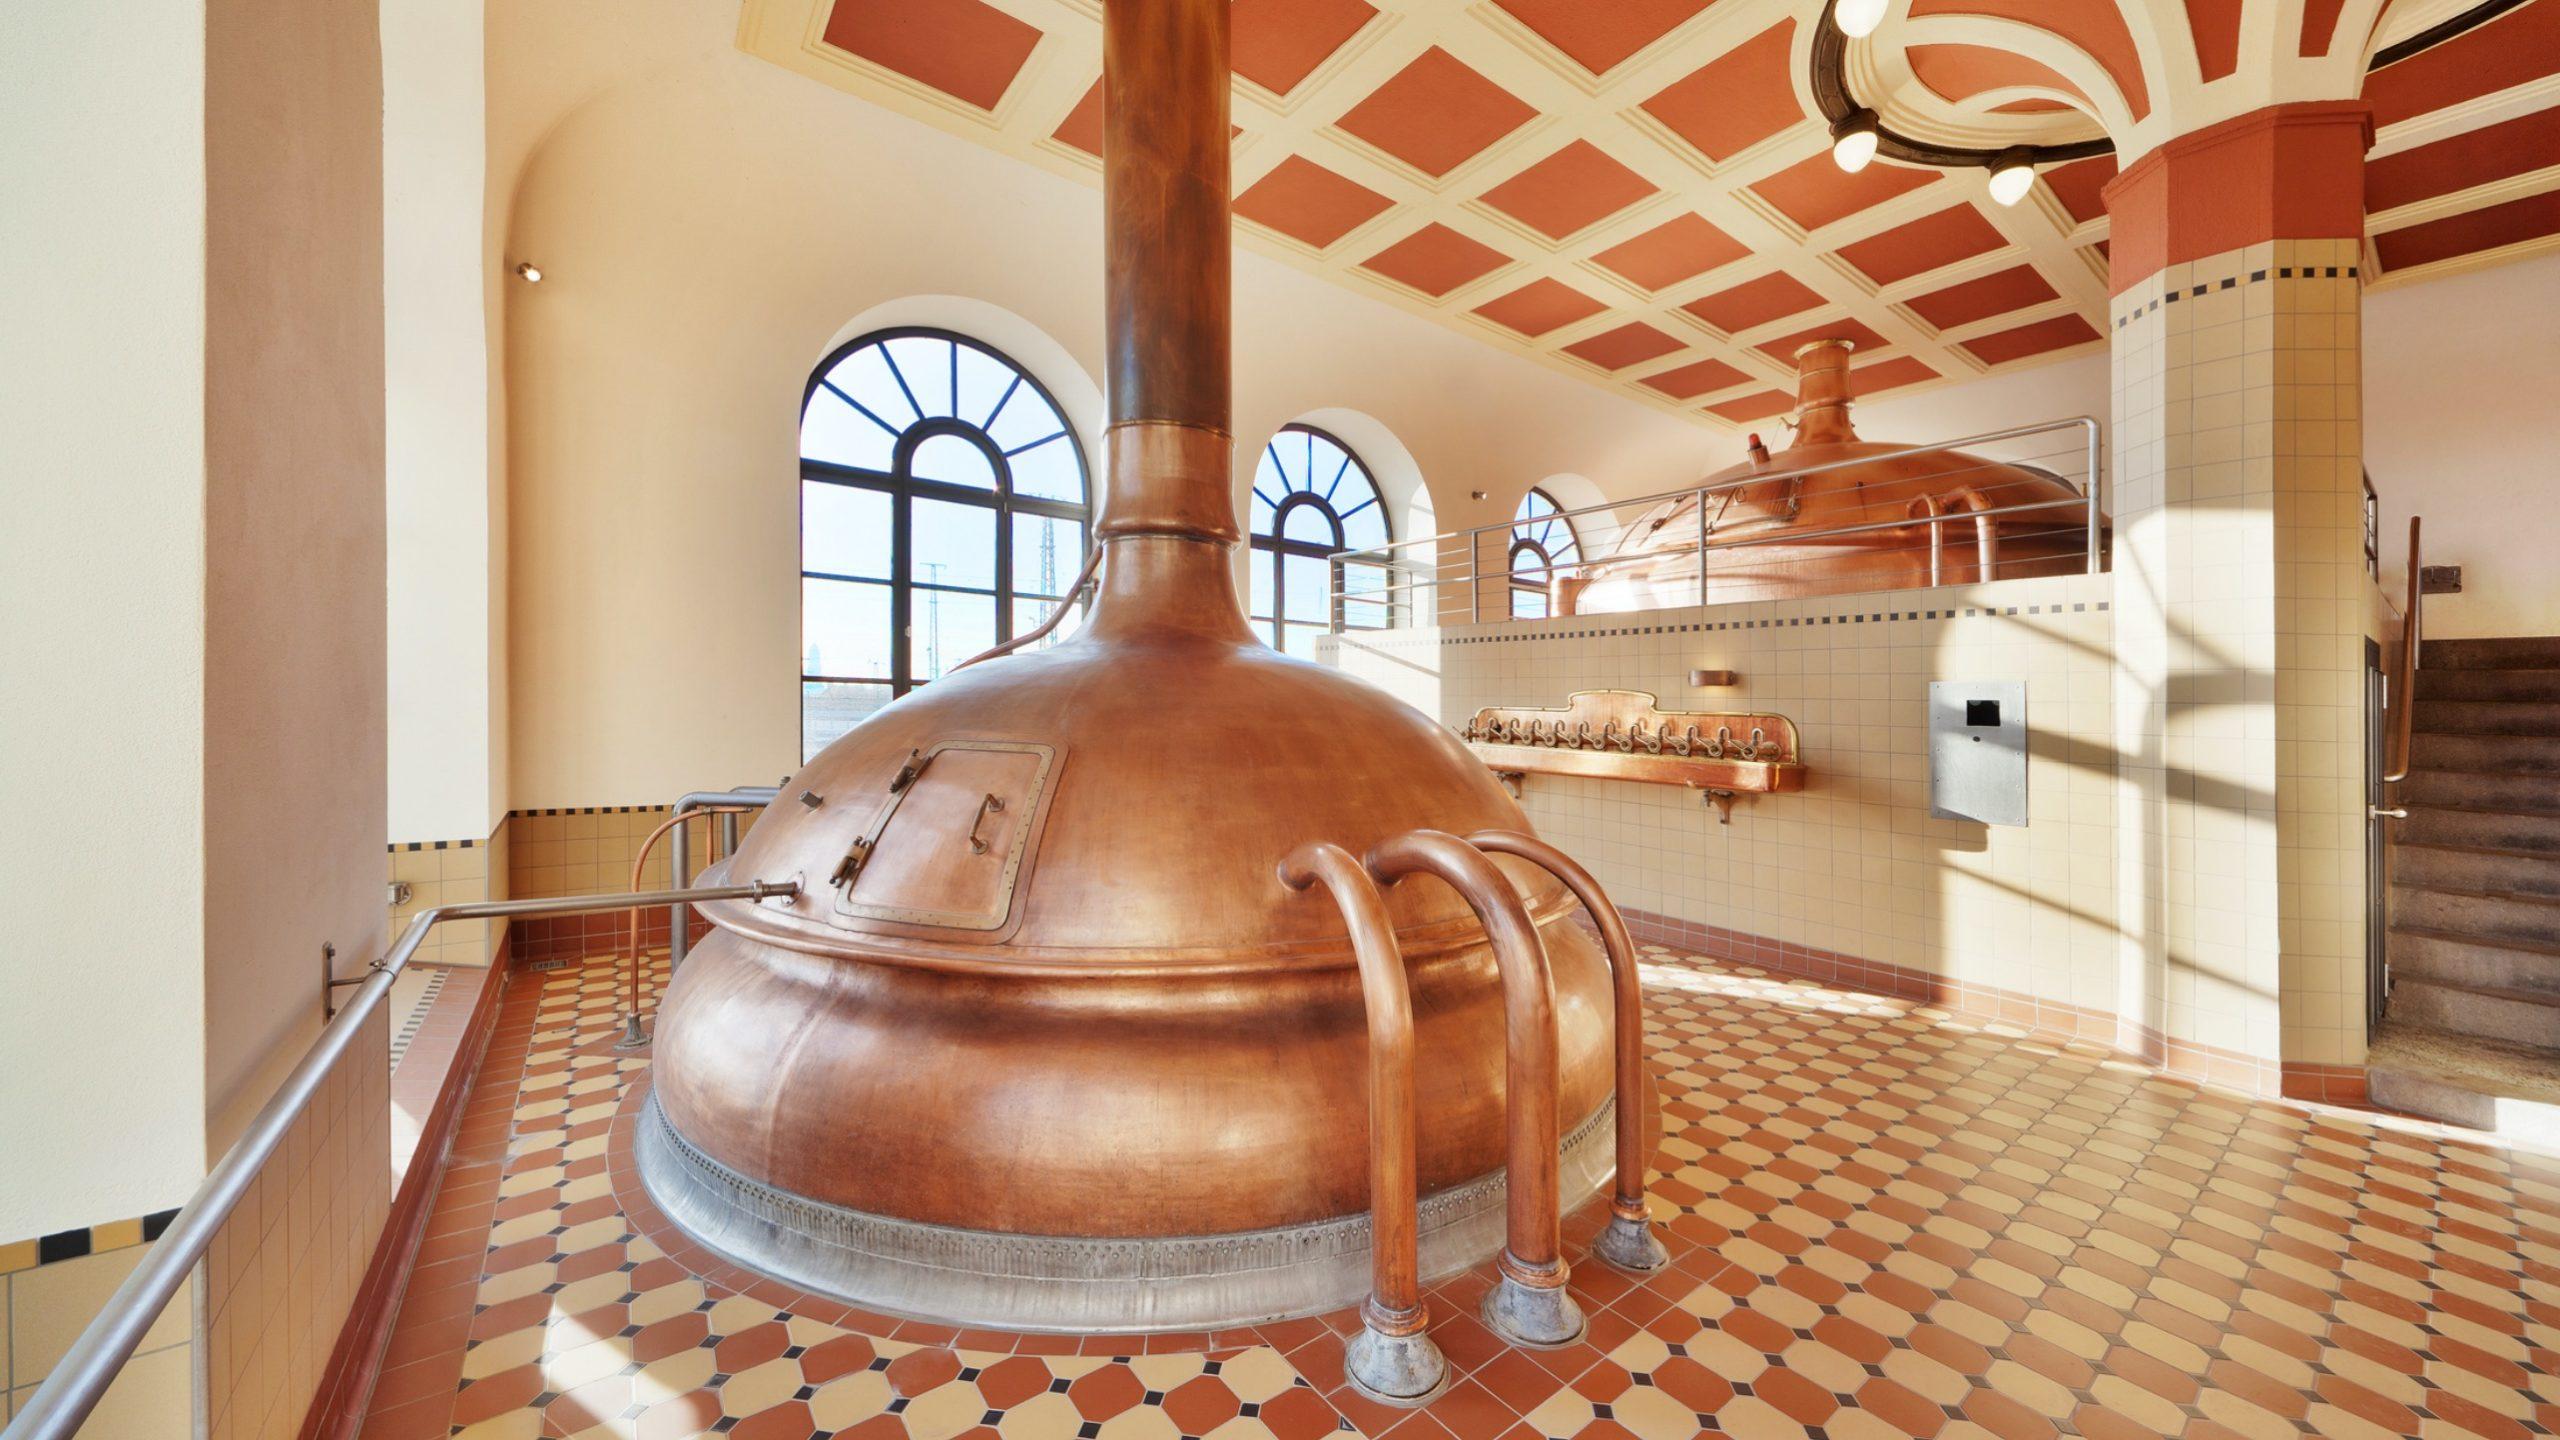 Das Sudhaus der Brauerei Riegele